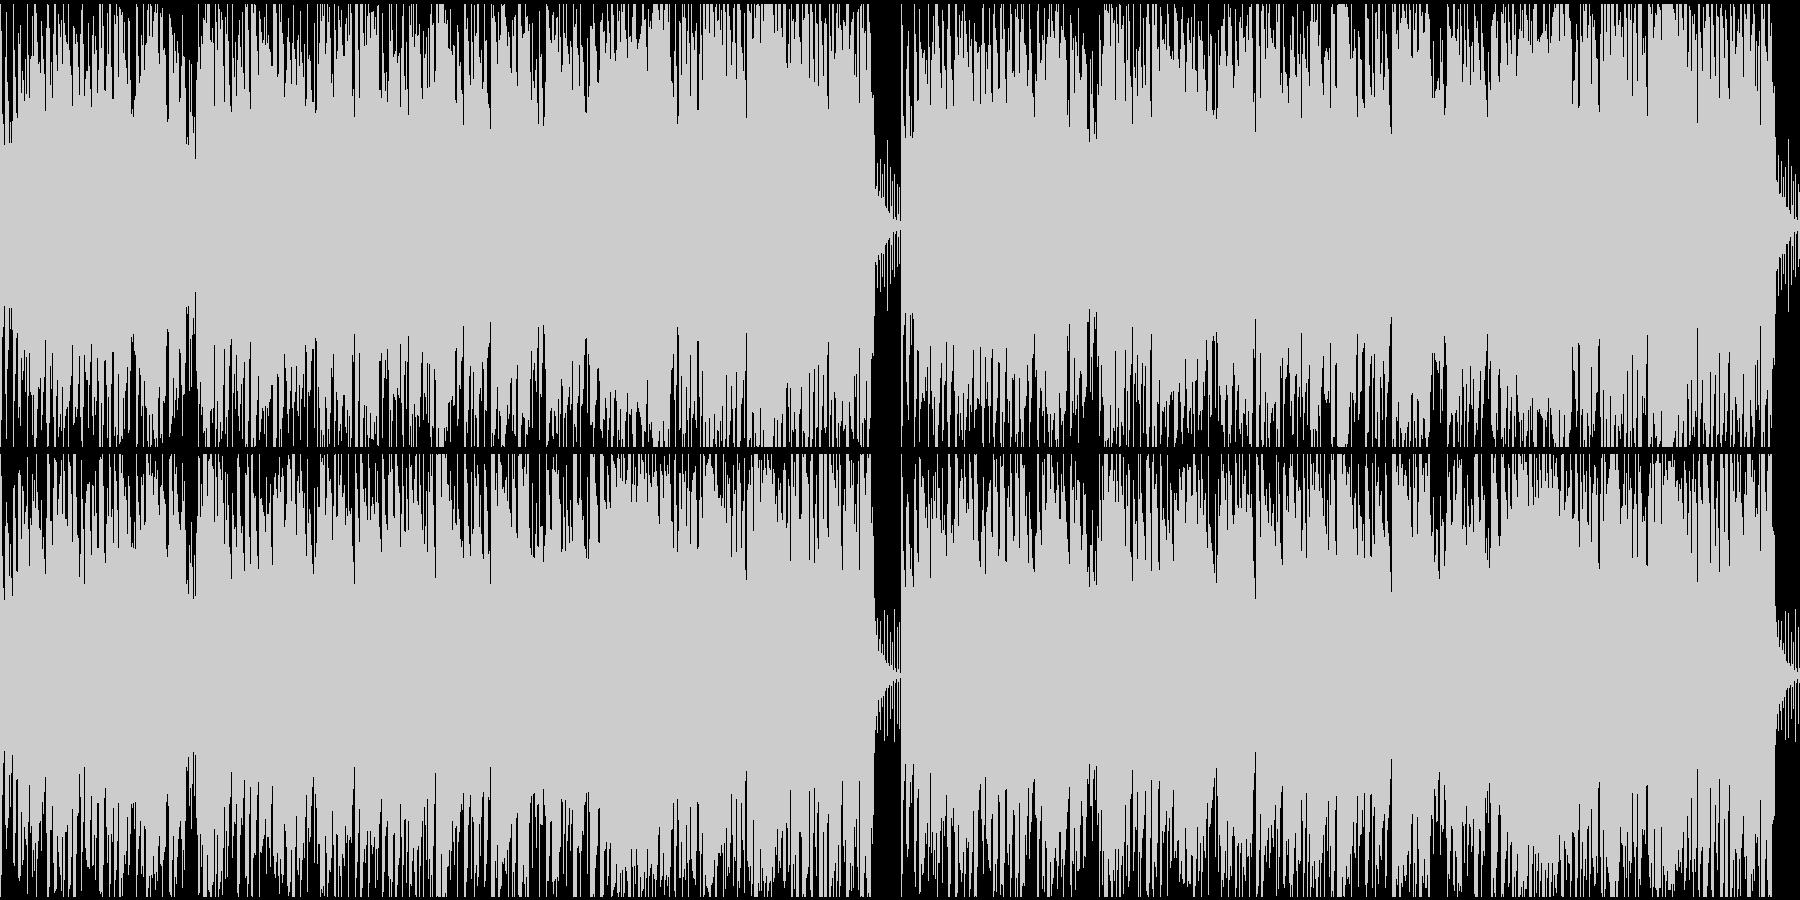 軽やかなピアノが印象的ムービー系ループ可の未再生の波形